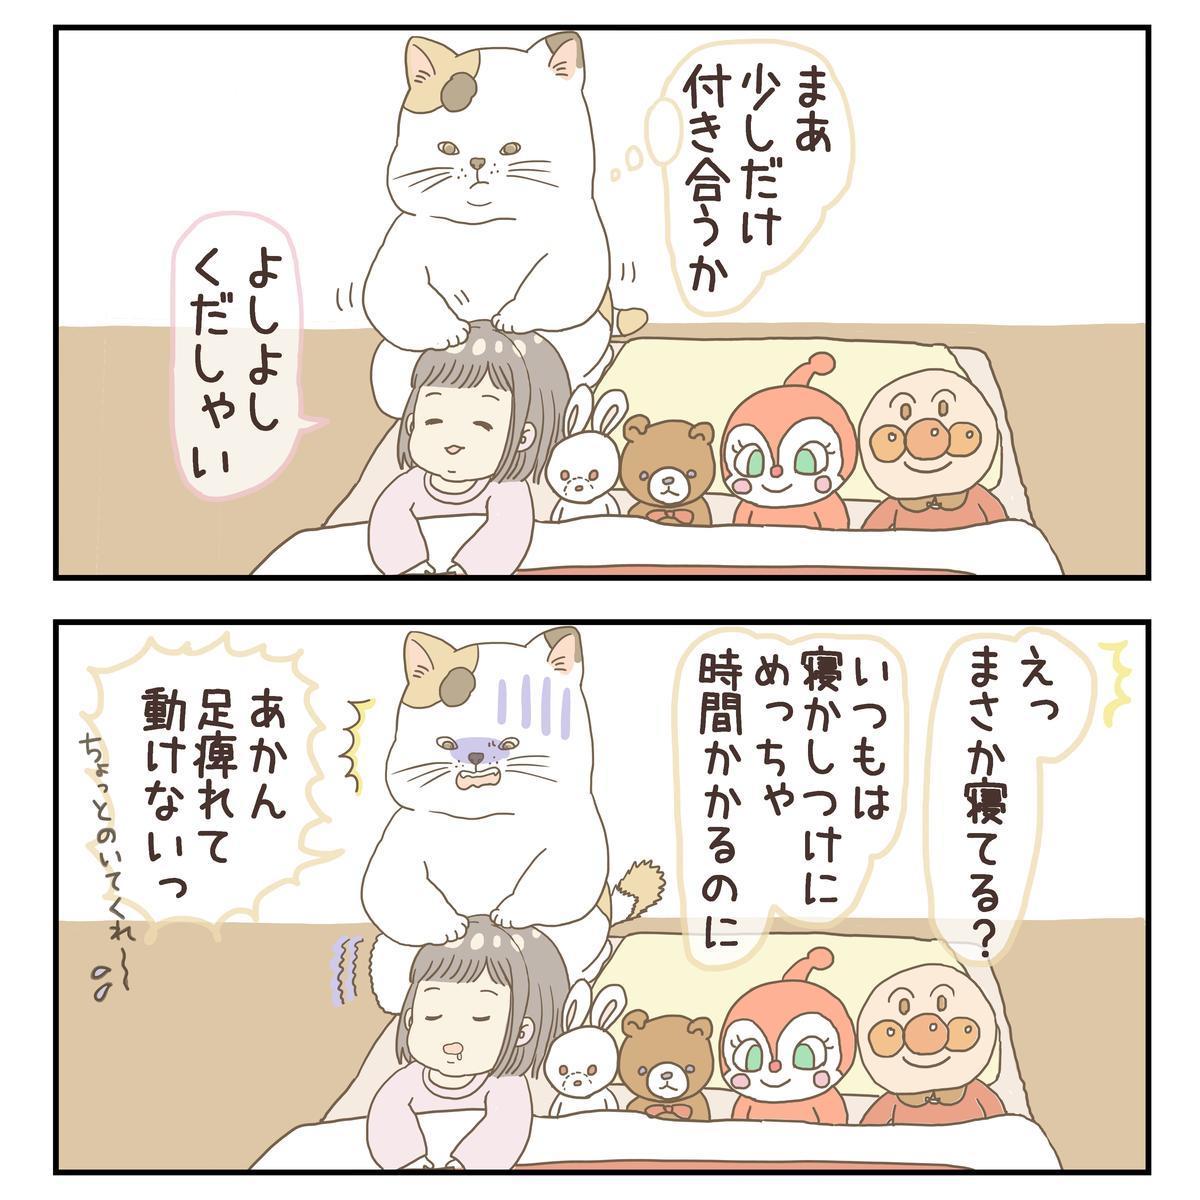 f:id:nikono:20190321220125j:plain